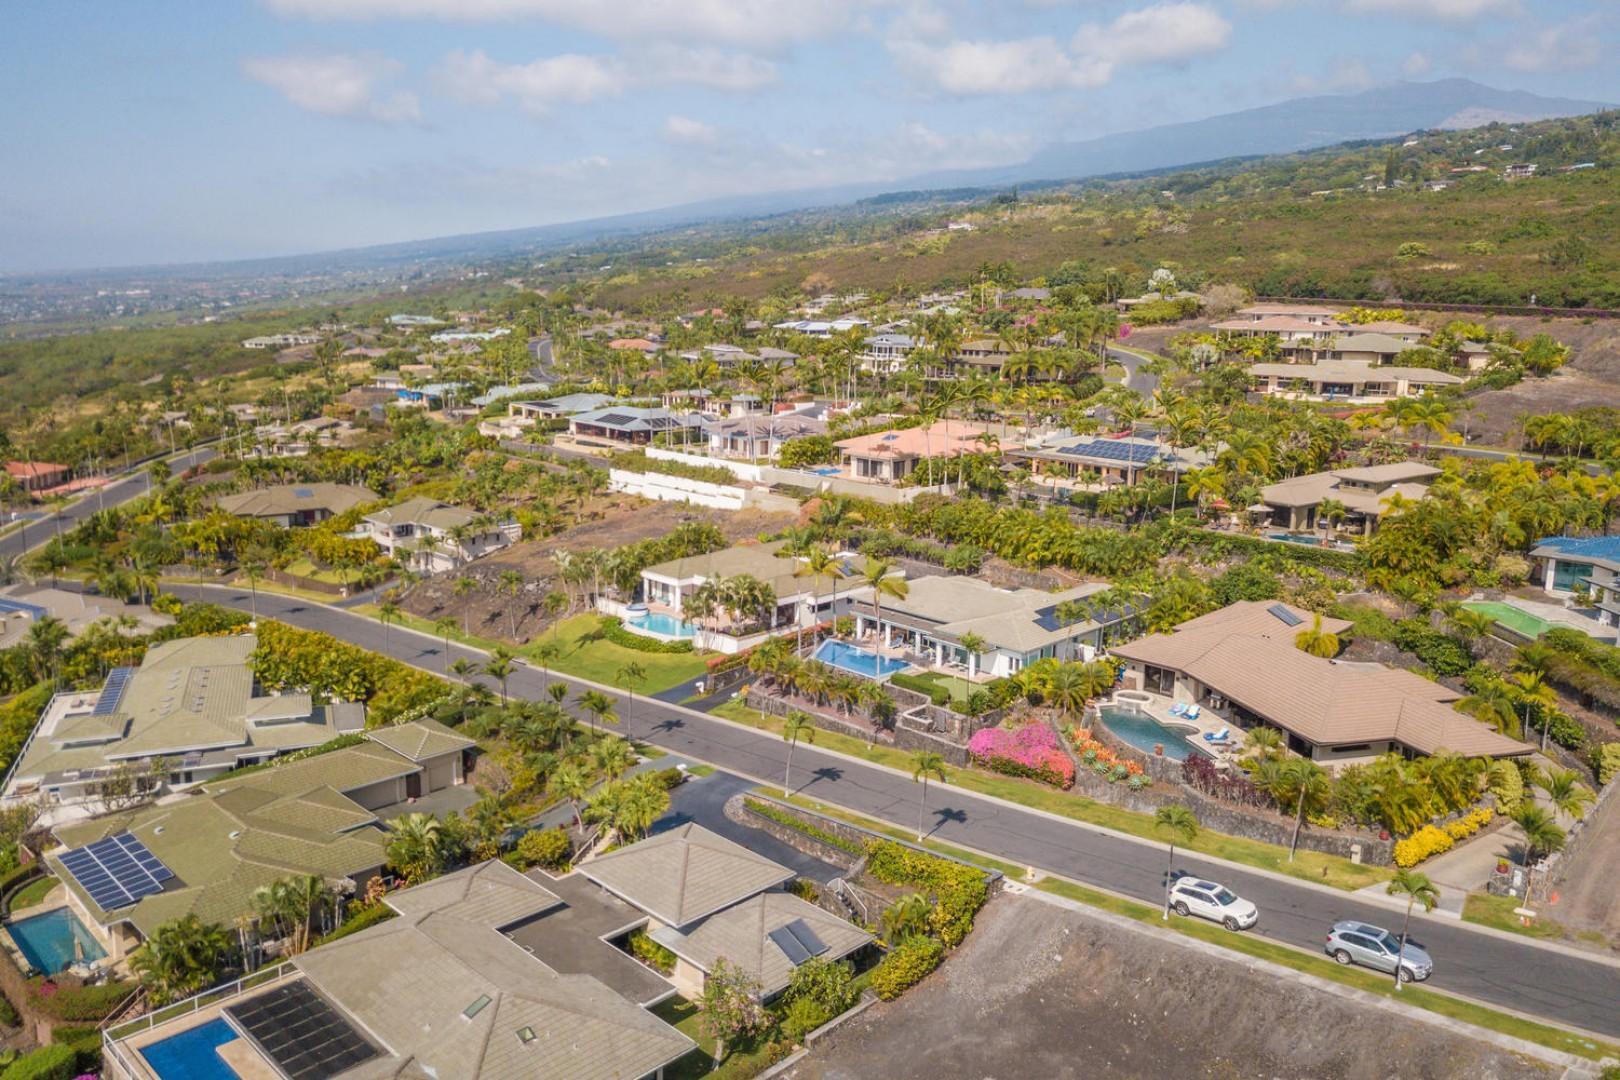 Views facing towards Hualalai